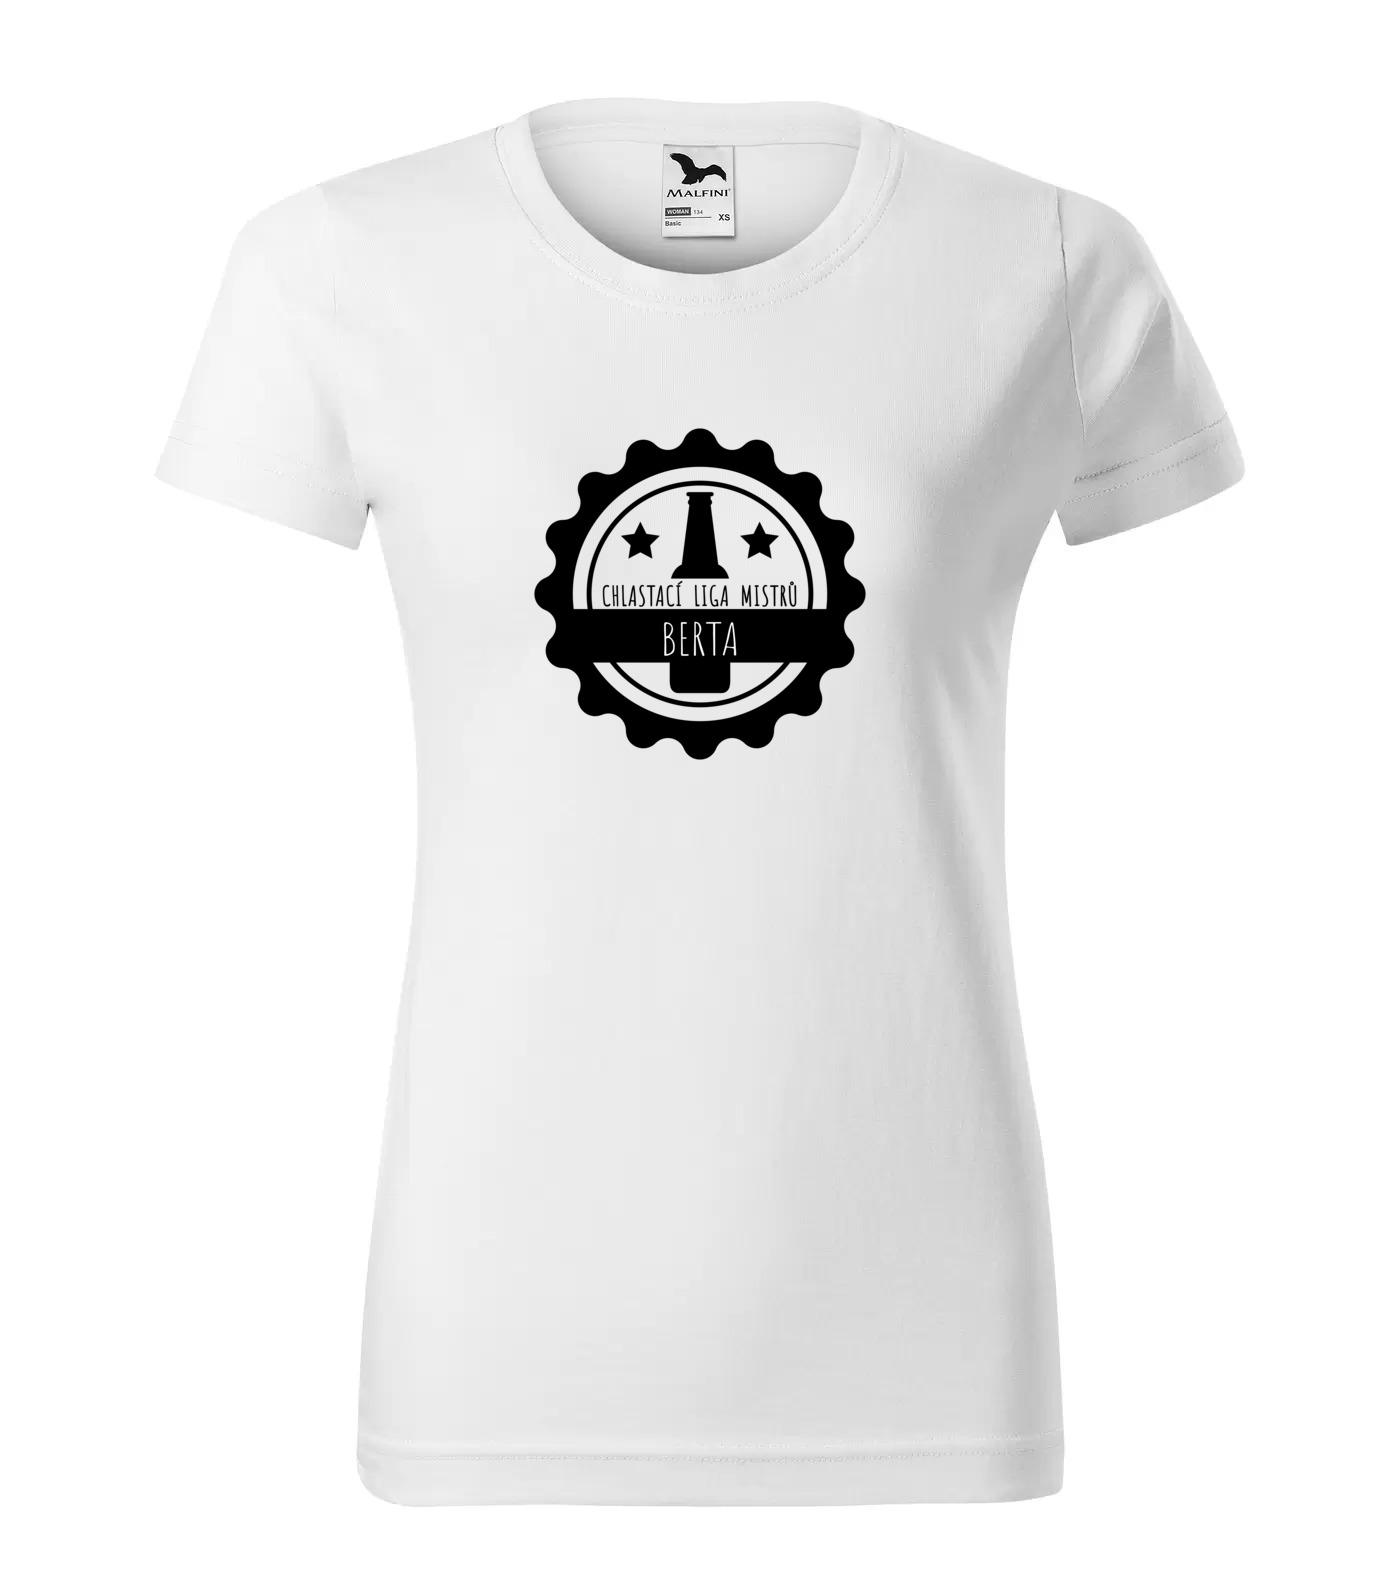 Tričko Chlastací liga žen Berta